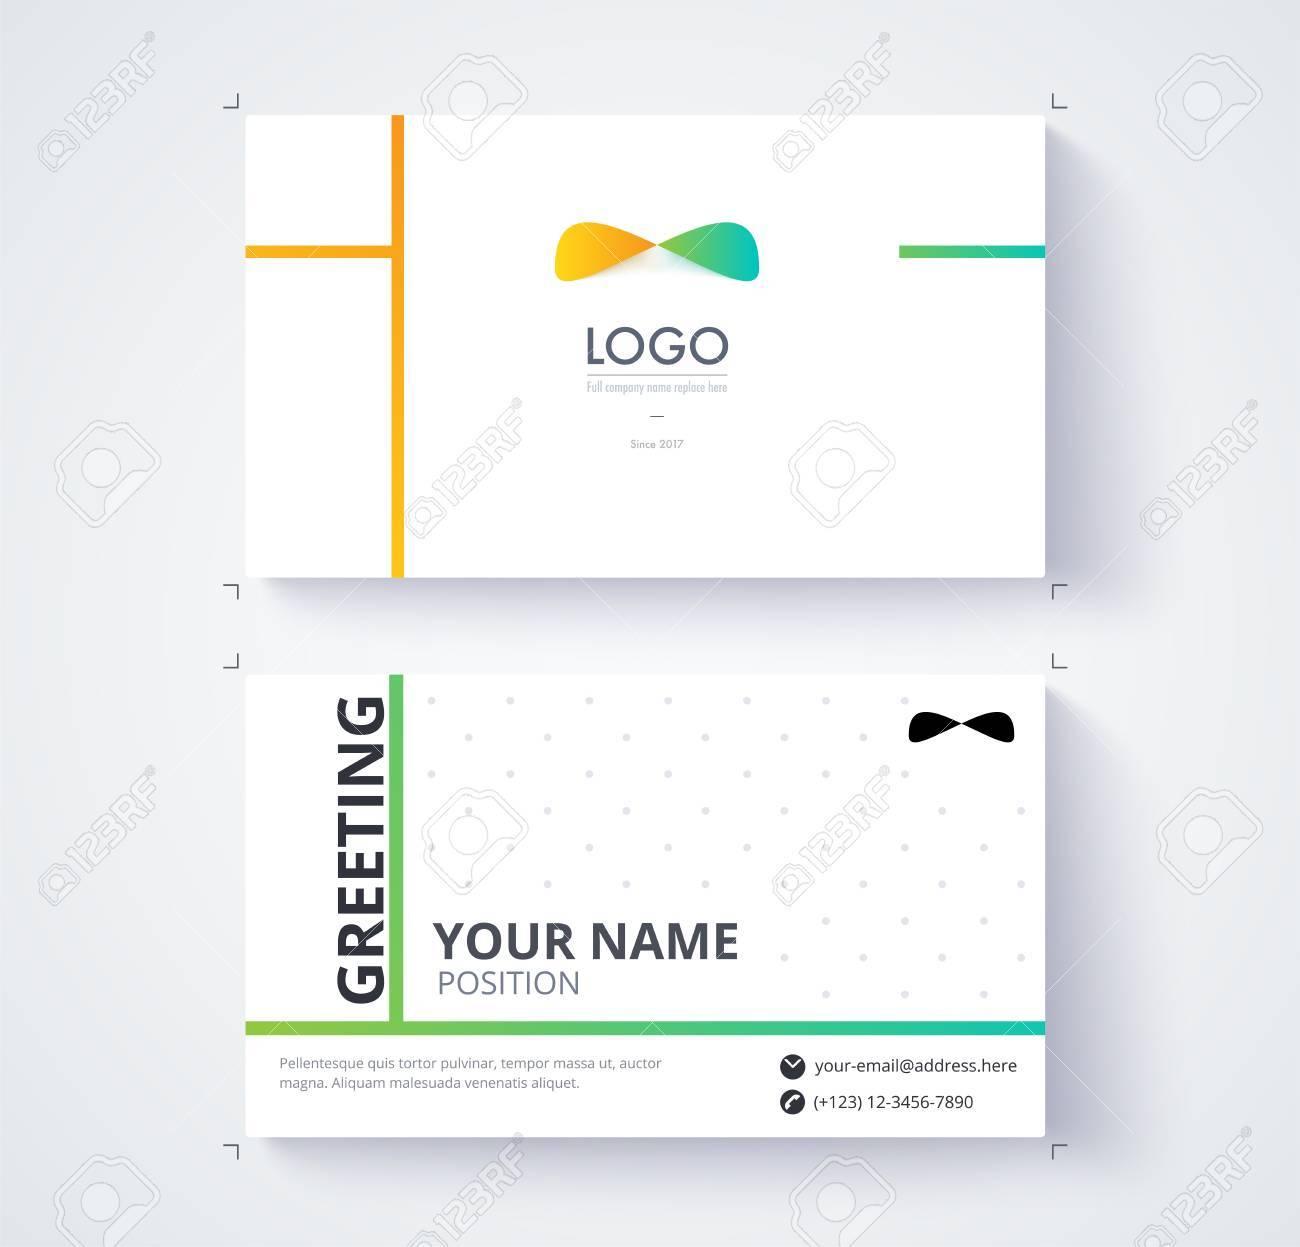 Modle De Carte Visite Exemple Logo Et Position Du Texte